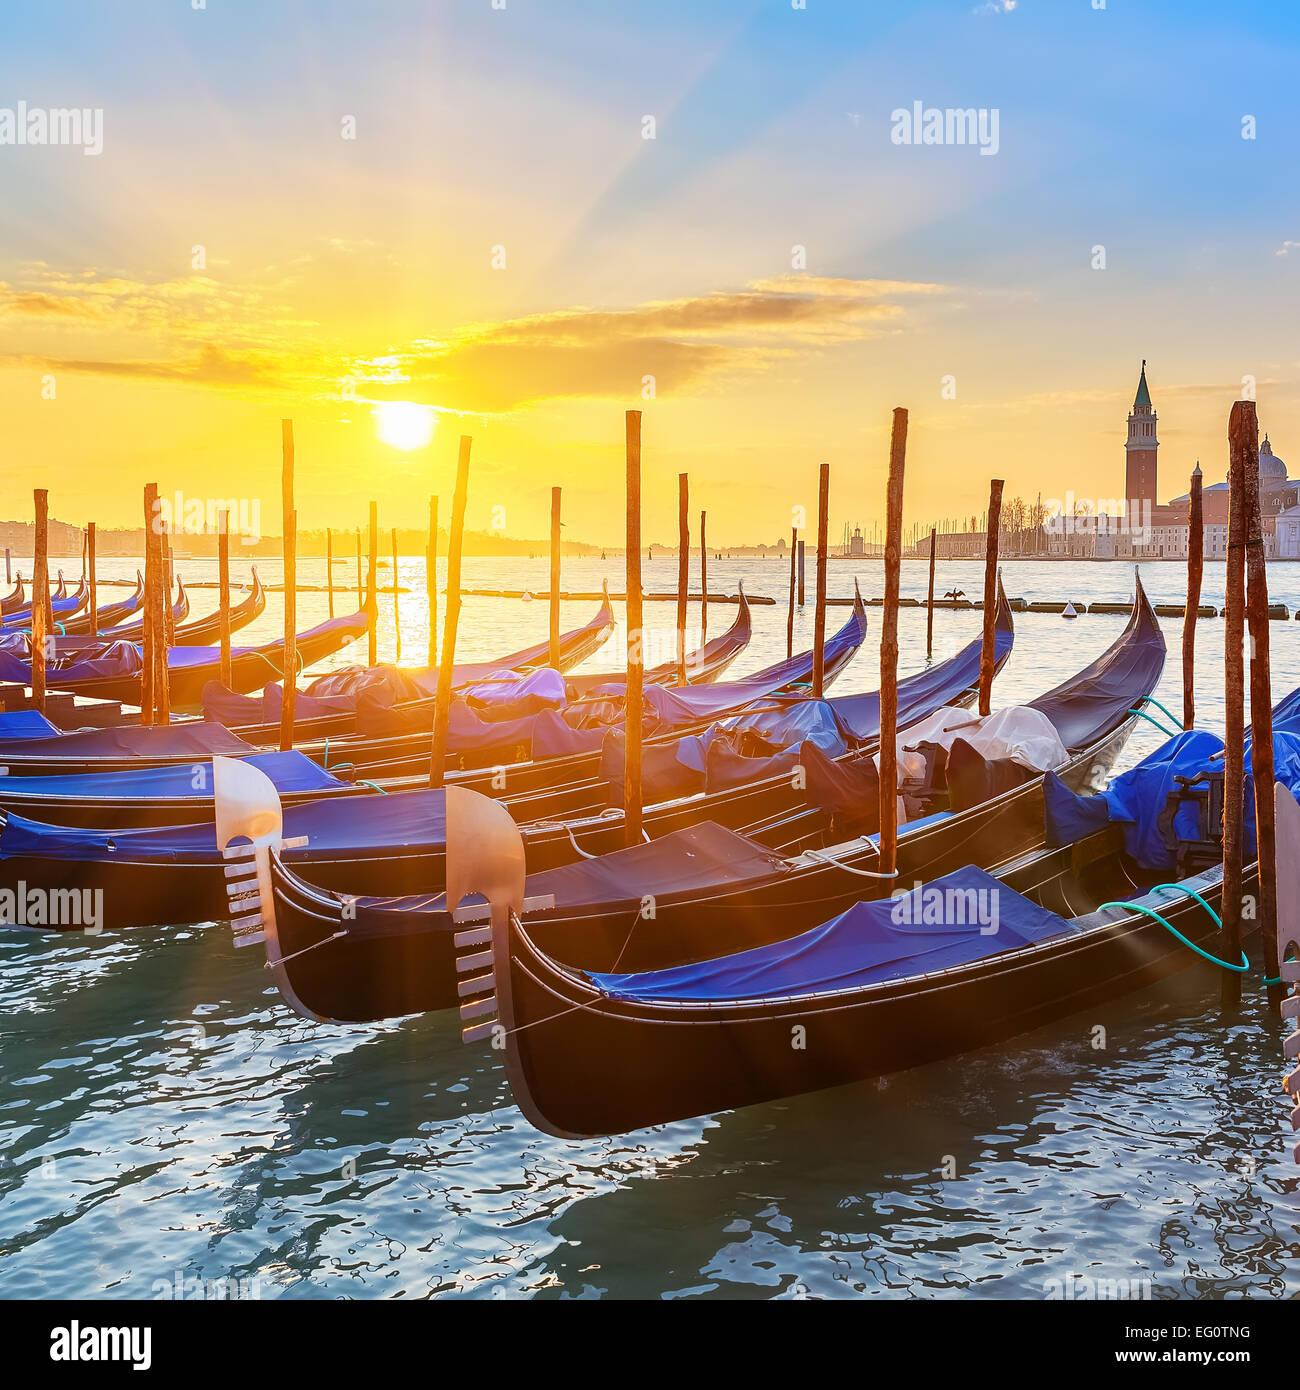 Góndolas venecianas al amanecer. Imagen De Stock